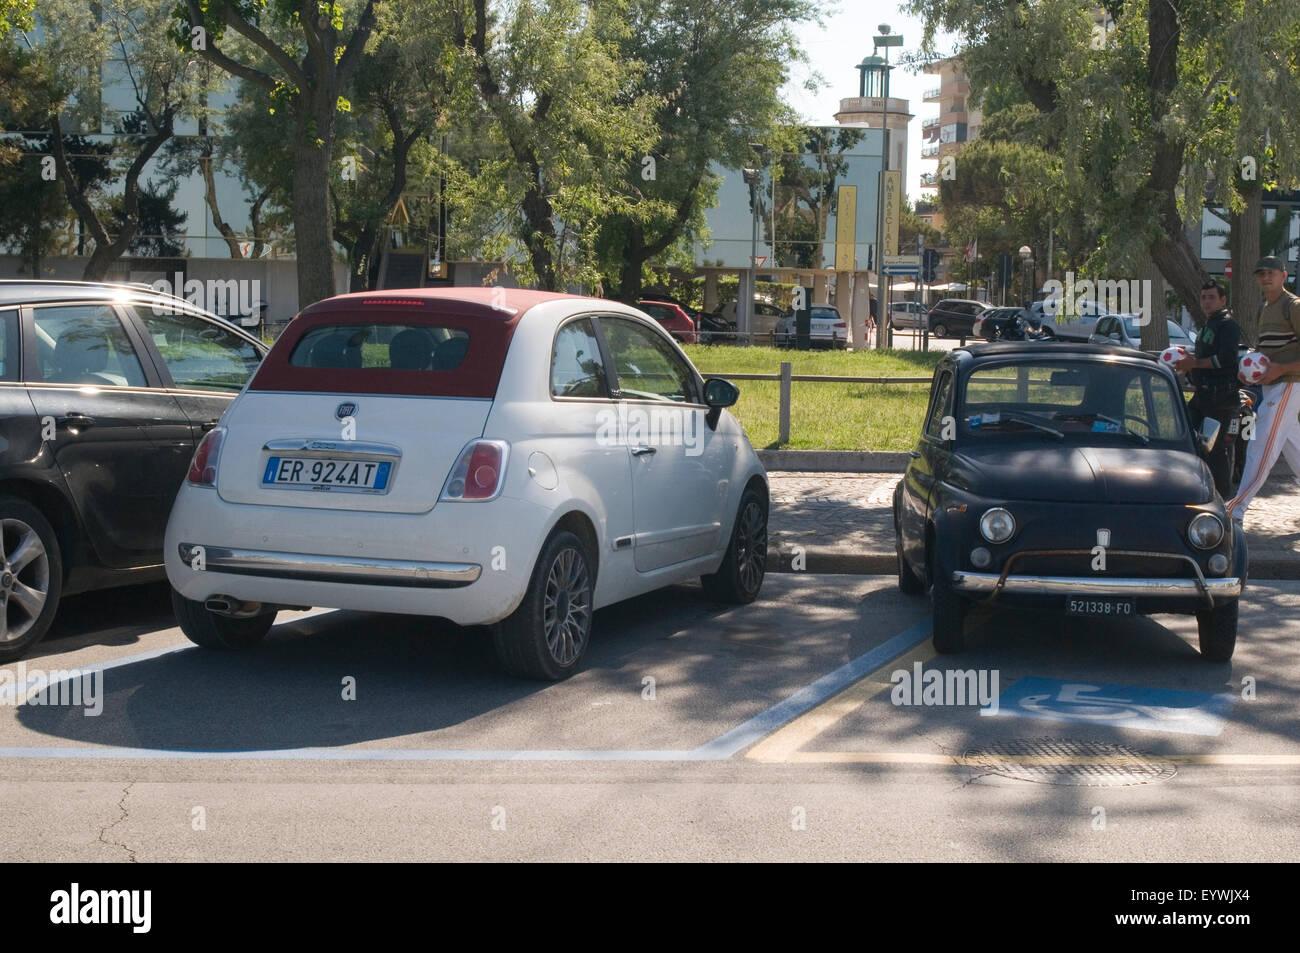 Fiat 500 size